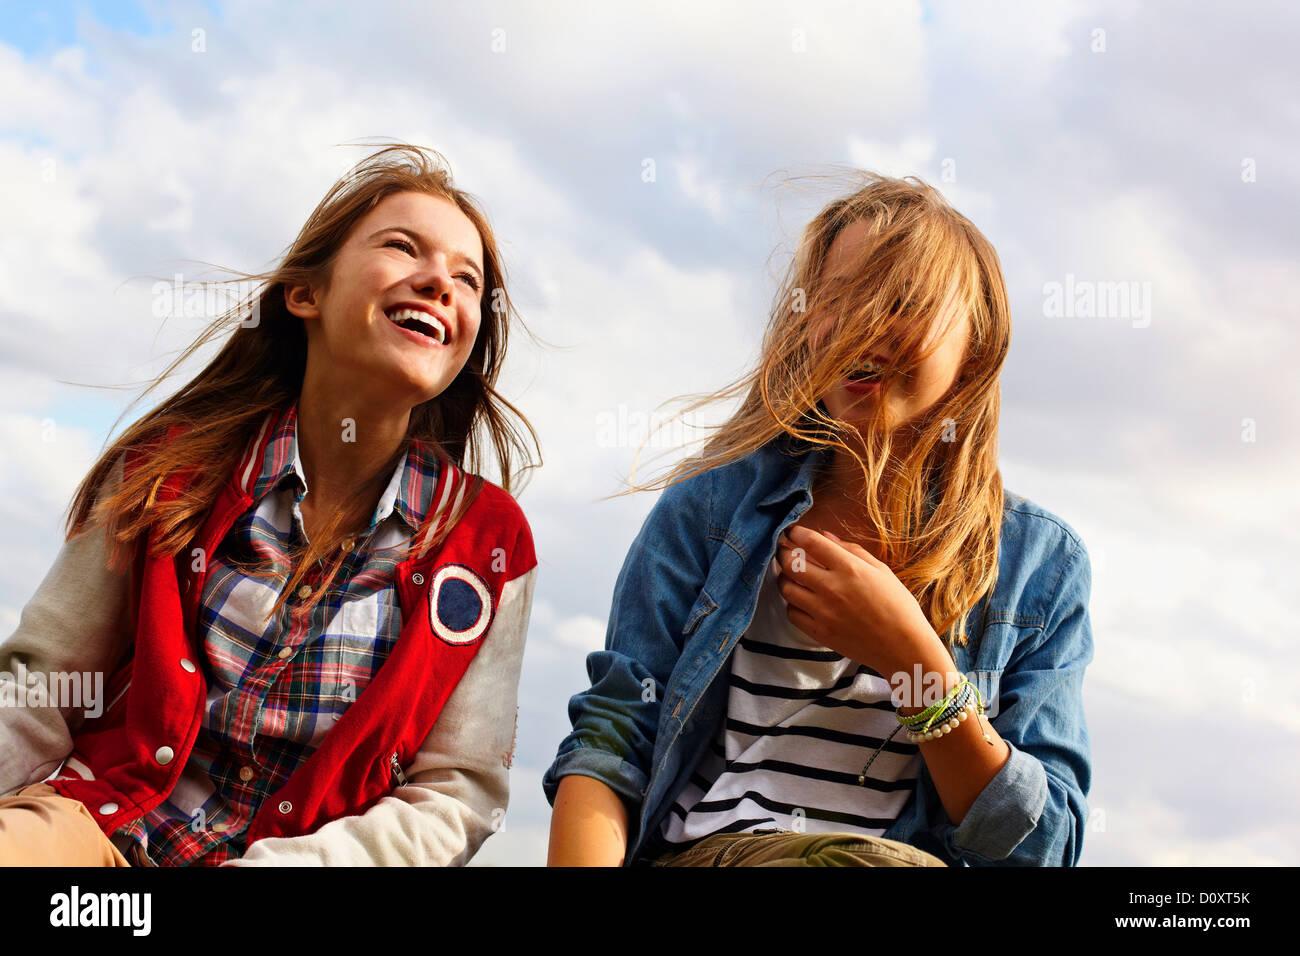 Glückliche Mädchen im Teenageralter Stockfoto